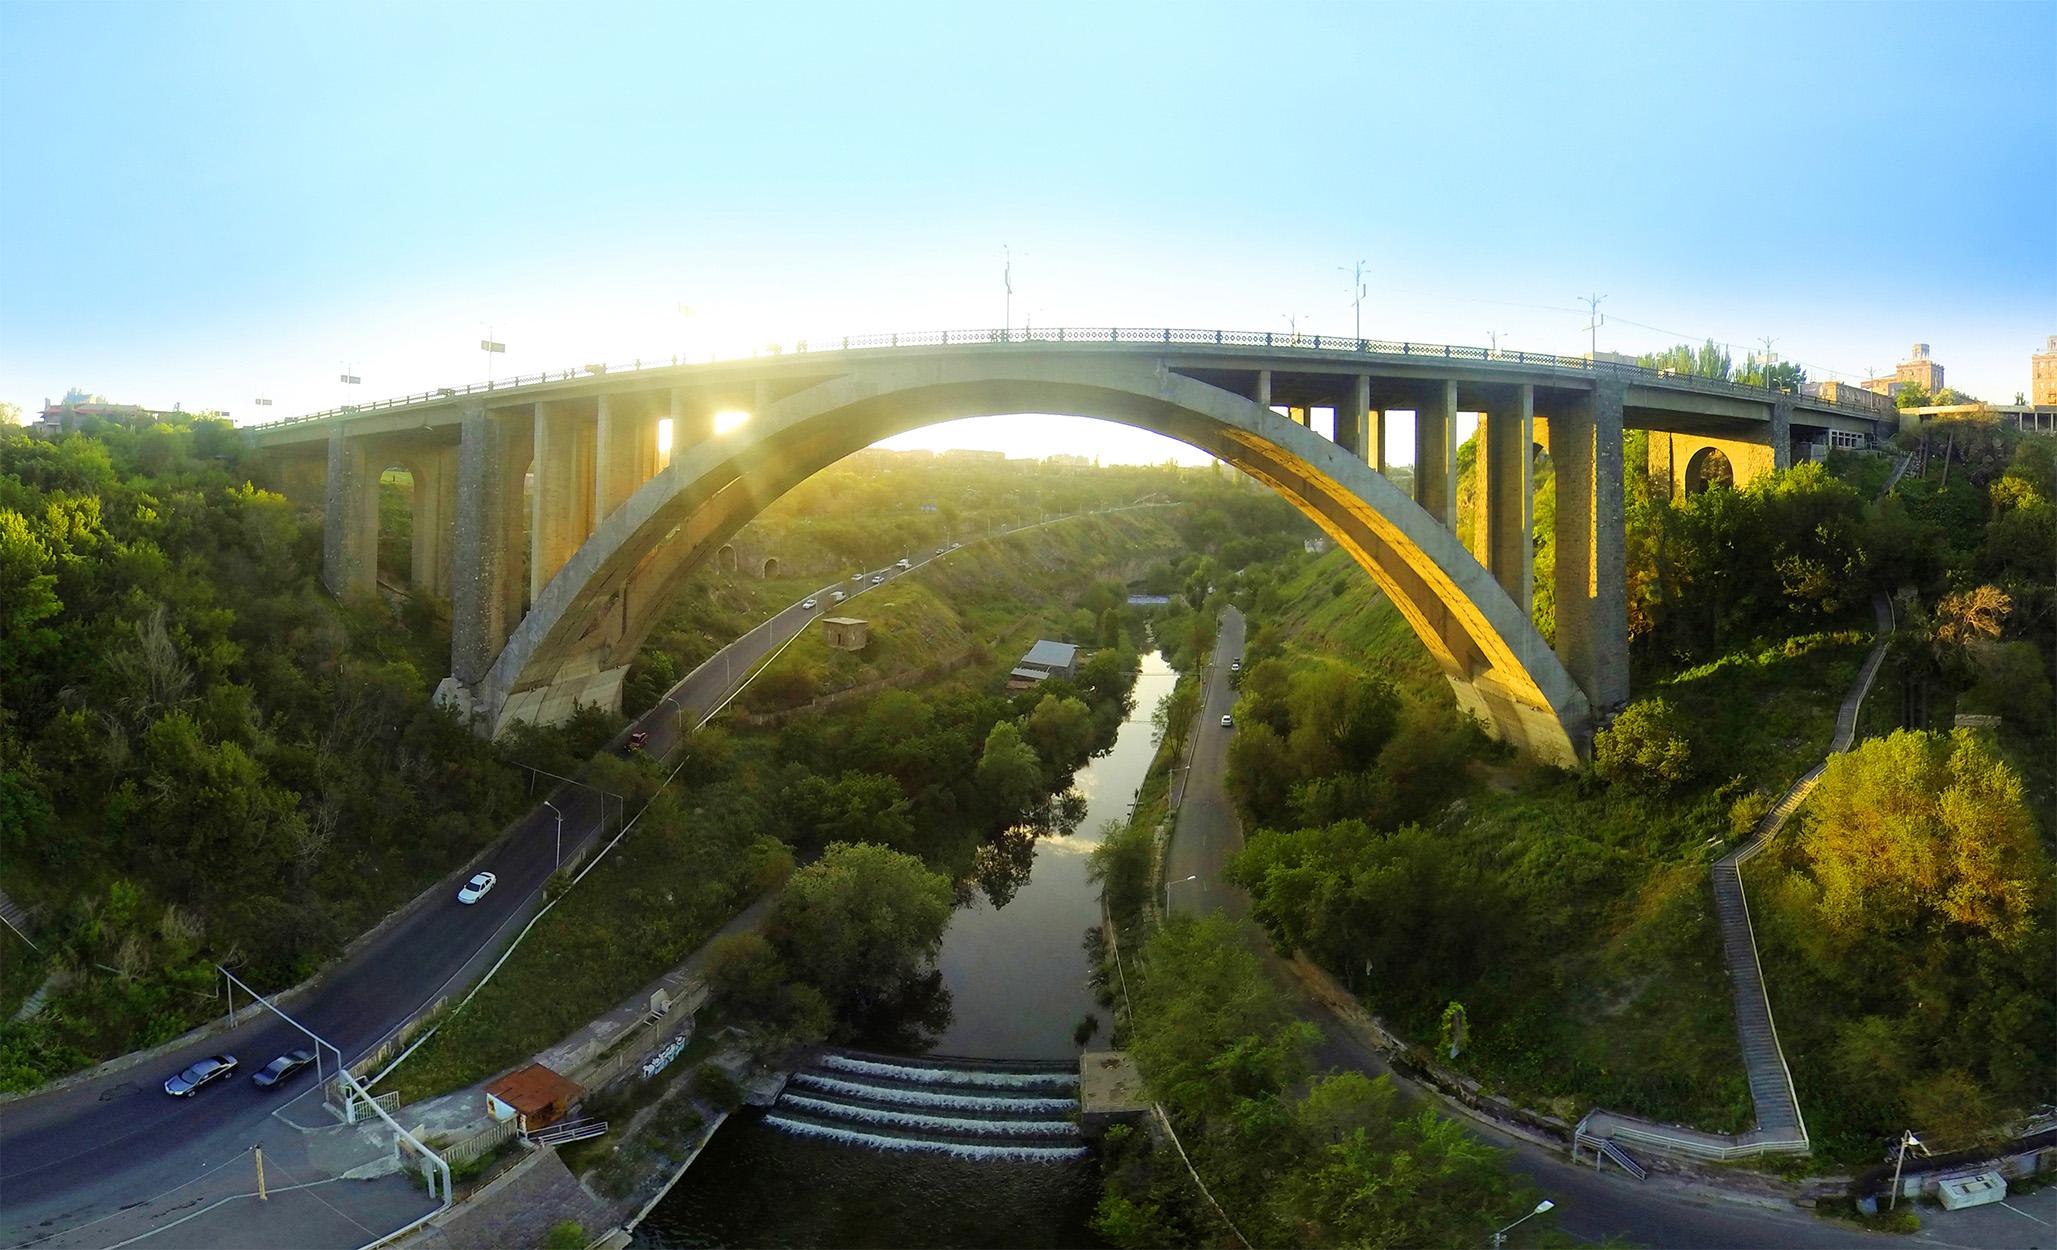 Կանխվել է քաղաքացու ինքնասպանության փորձը Կիևյան կամրջից